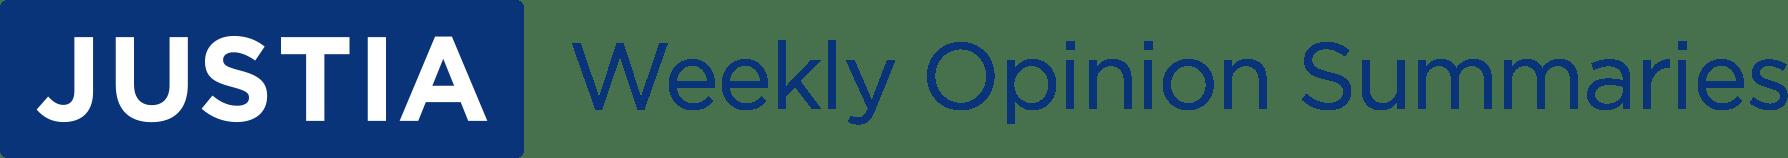 Justia Weekly Opinion Summaries